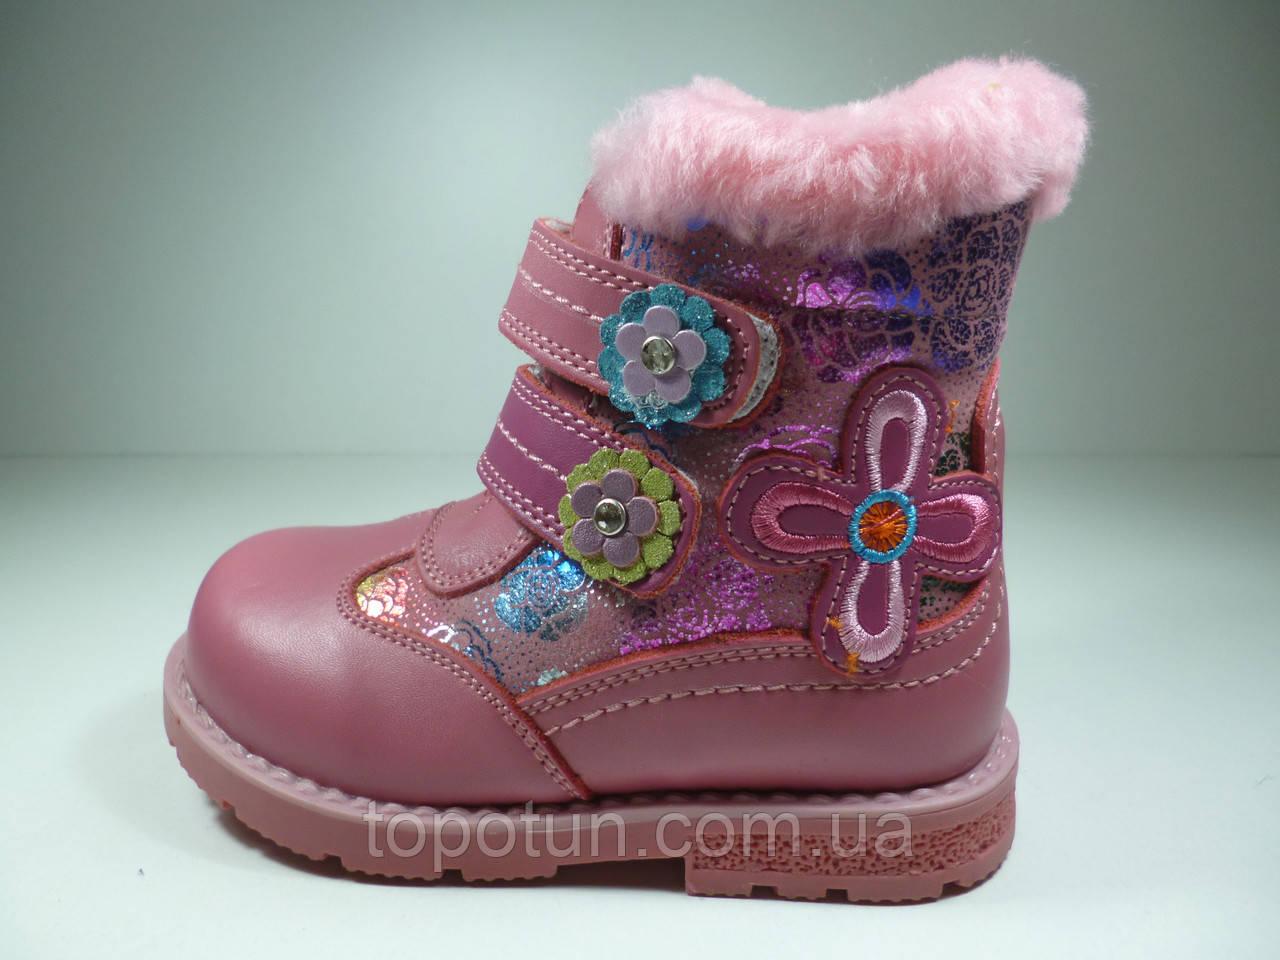 """Зимние ботинки для девочки """"Meekone"""" кожаные Размер: 26"""